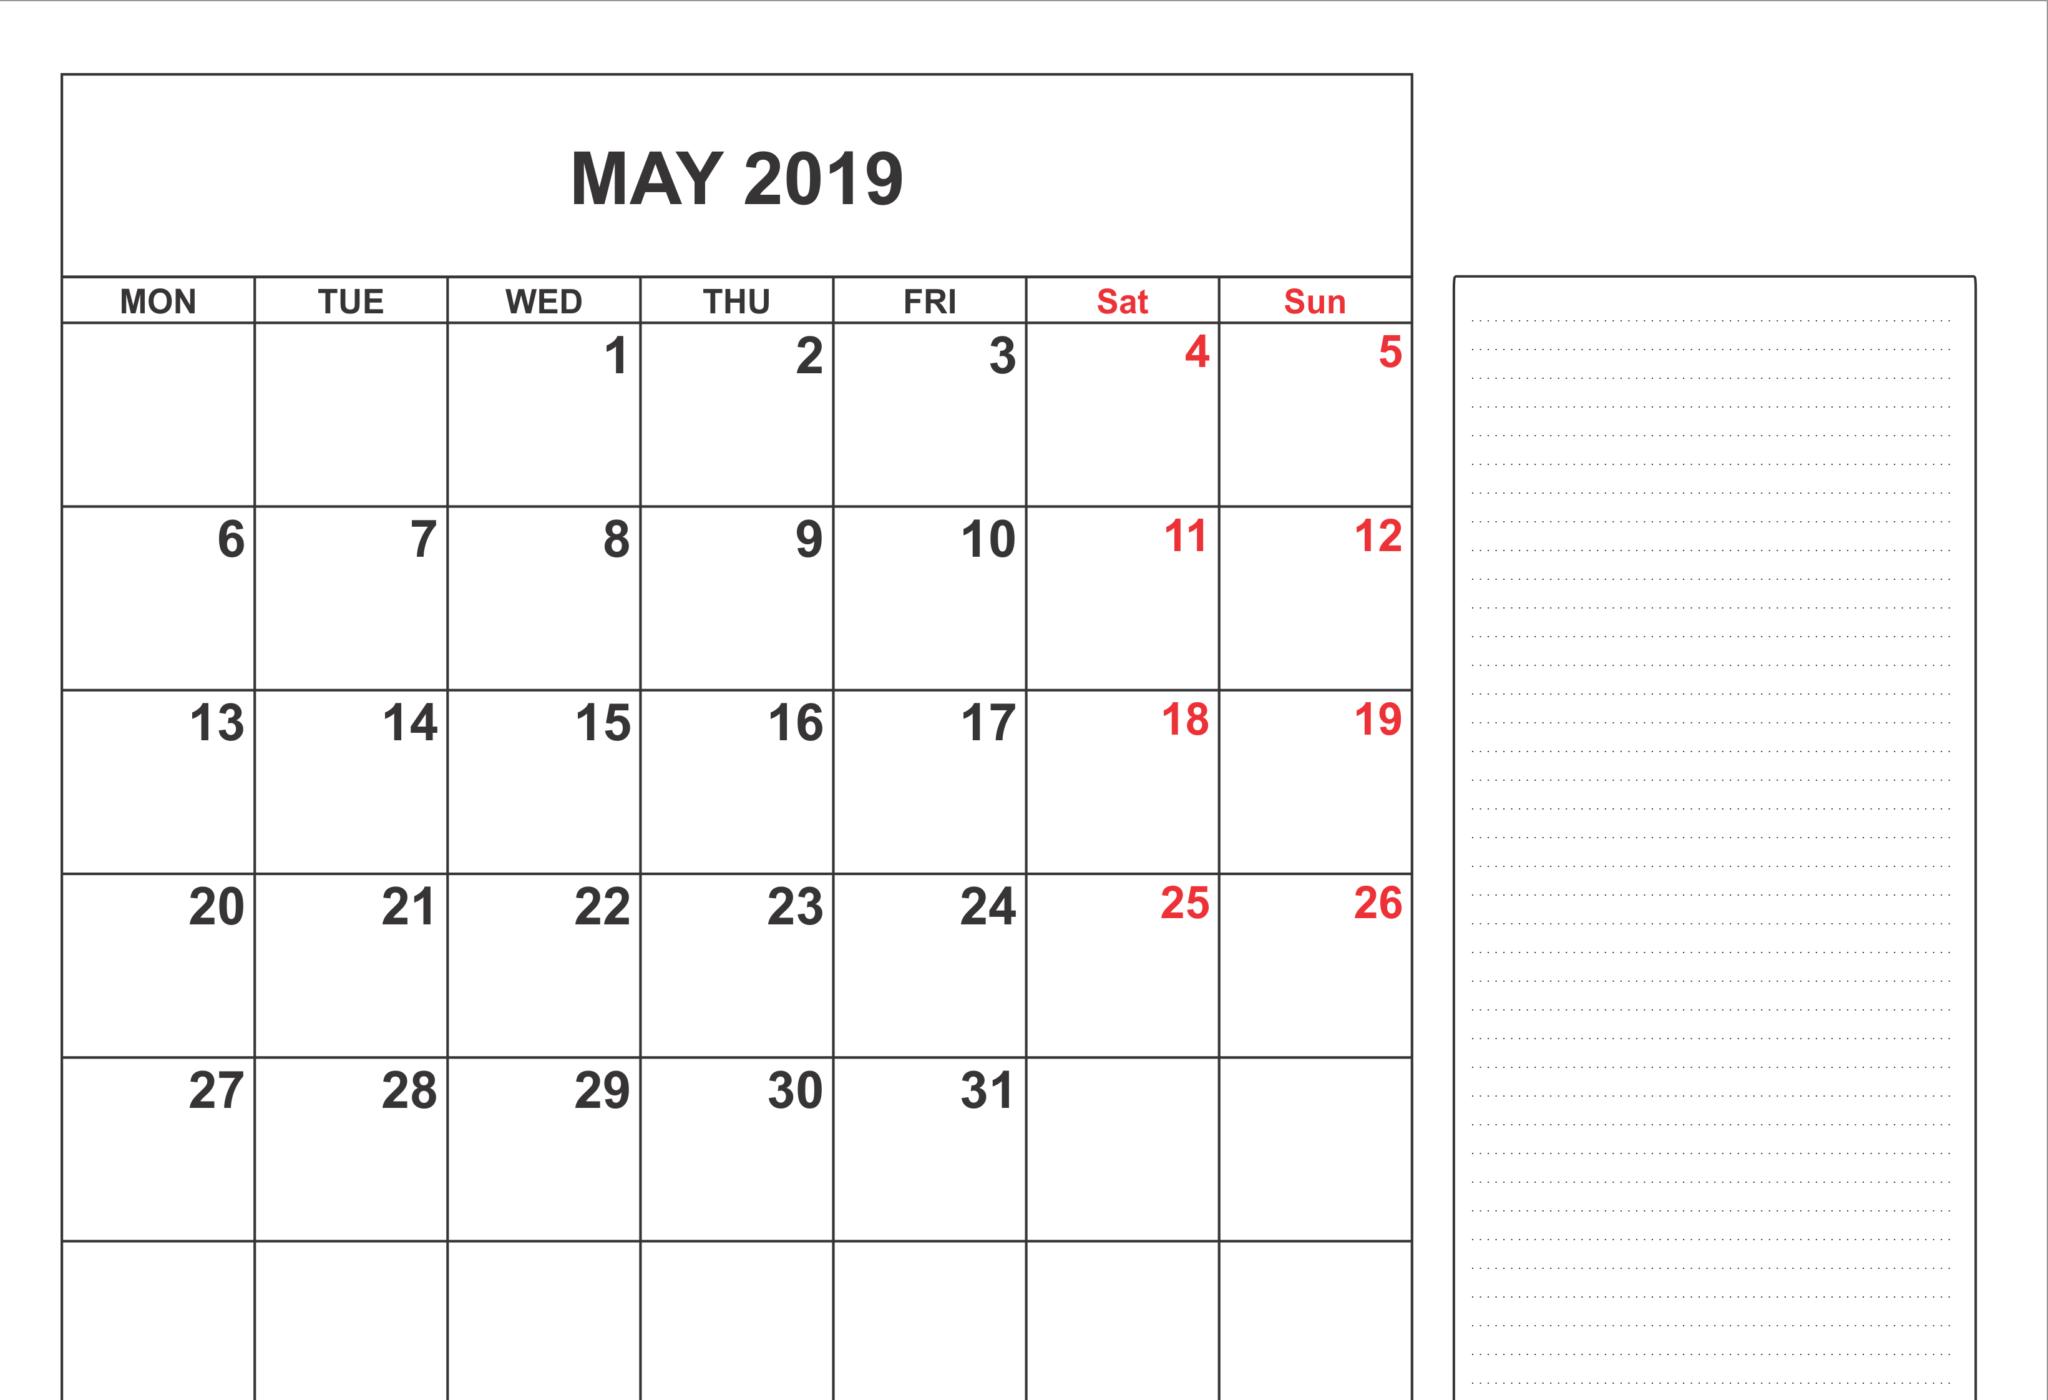 Fillable May 2019 Calendar Editable Printable Notes To Do